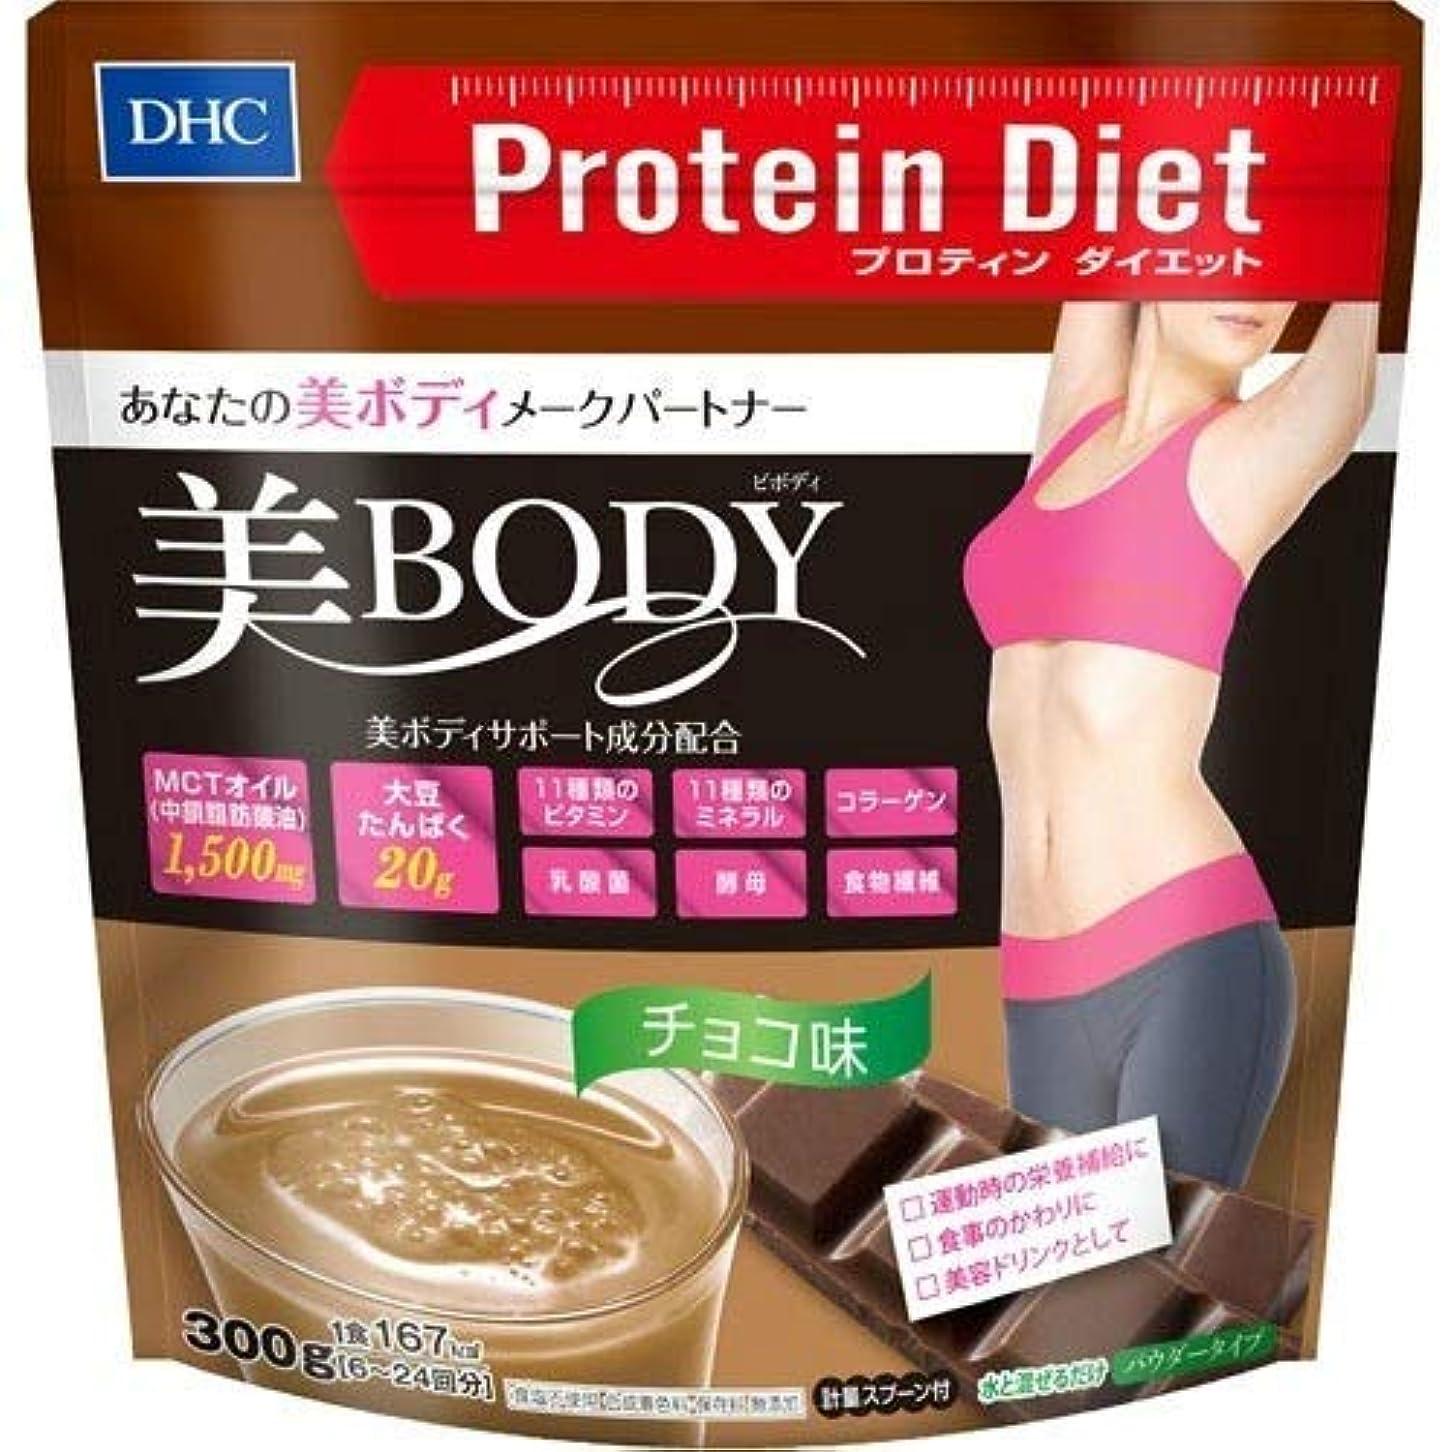 ストレッチ弱点フレアDHC プロテインダイエット 美Body チョコ味 300g